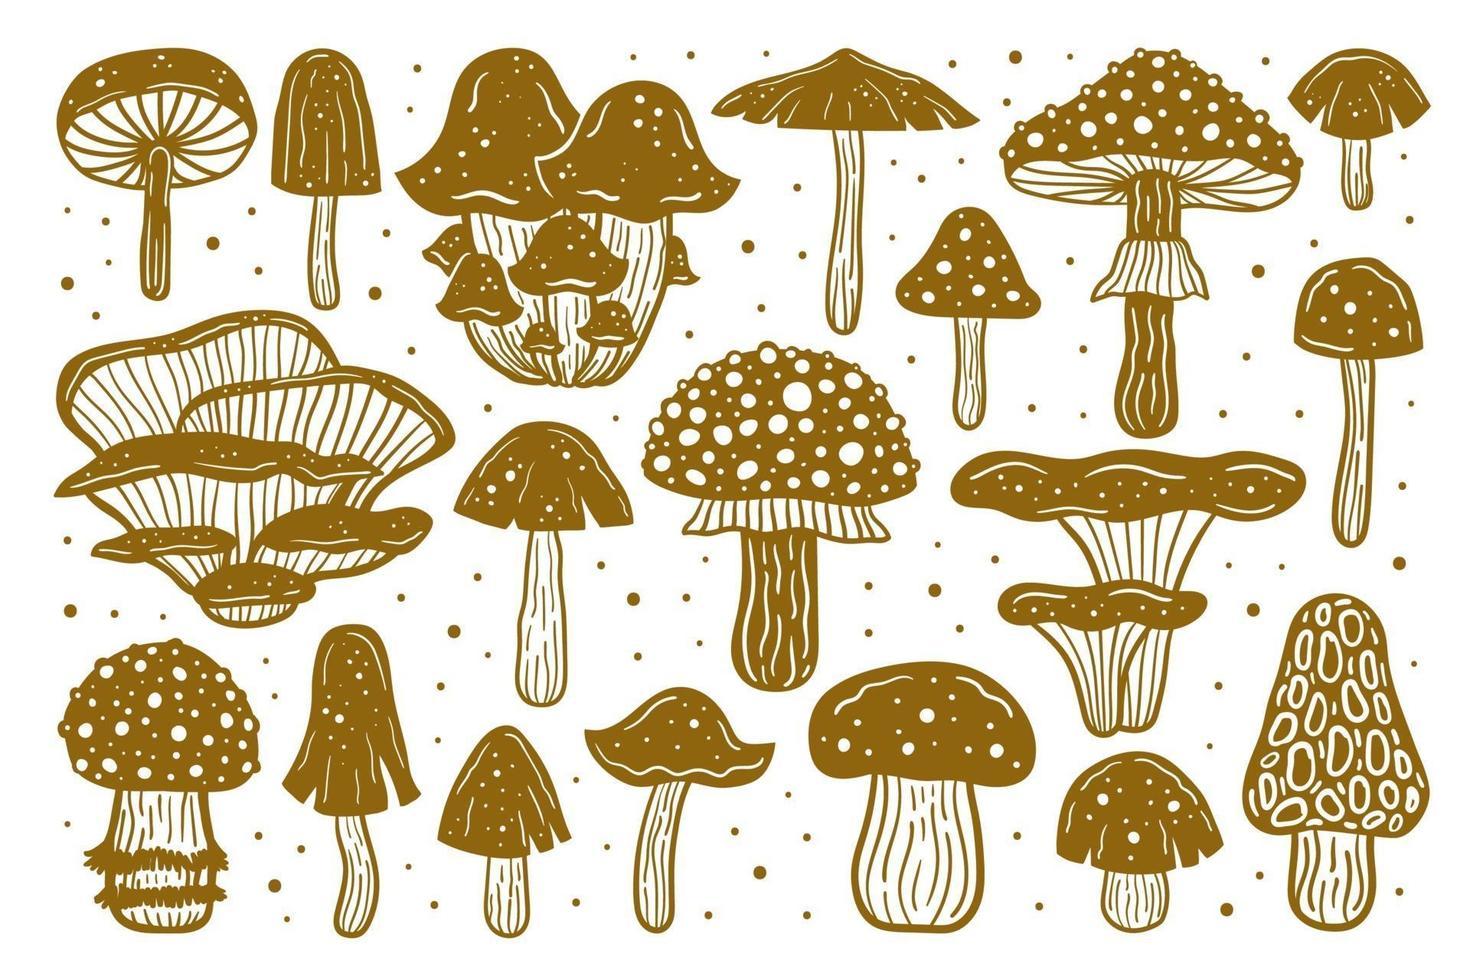 grande conjunto de cogumelos da floresta. ilustração do vetor de tinta. impressão em linogravura. design monocromático dourado. botânico, natureza.